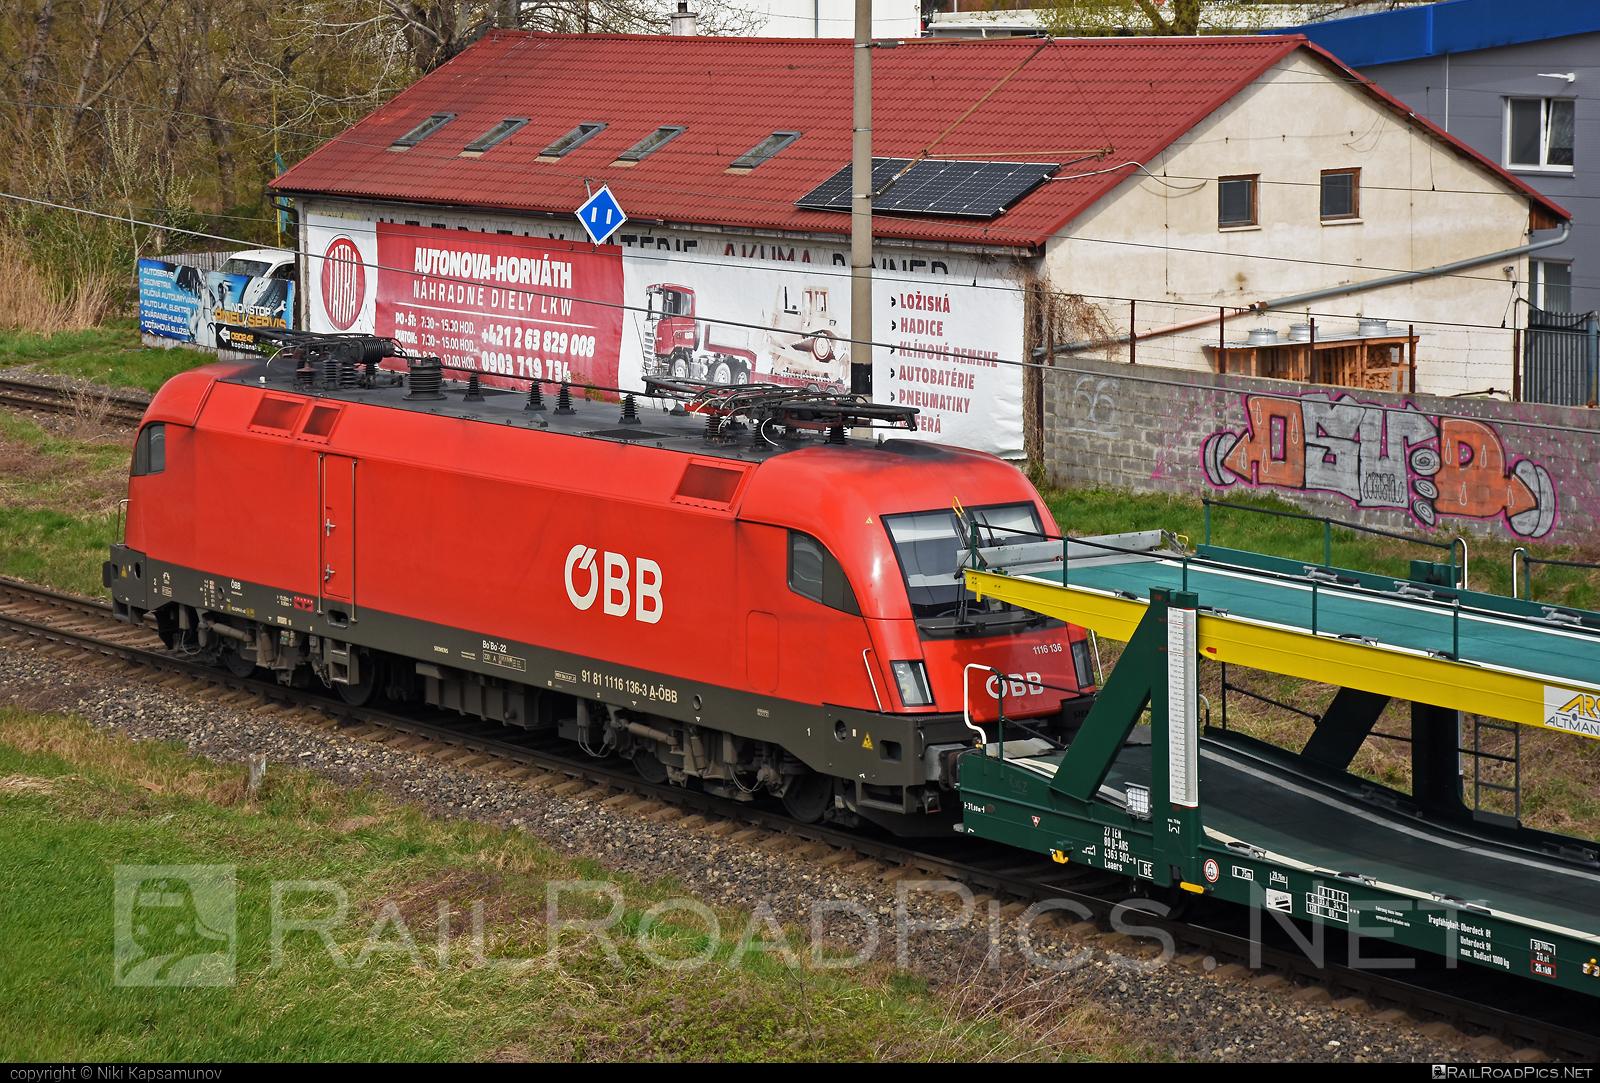 Siemens ES 64 U2 - 1116 136 operated by Rail Cargo Austria AG #carcarrierwagon #es64 #es64u #es64u2 #eurosprinter #obb #osterreichischebundesbahnen #rcw #siemens #siemenses64 #siemenses64u #siemenses64u2 #siemenstaurus #taurus #tauruslocomotive